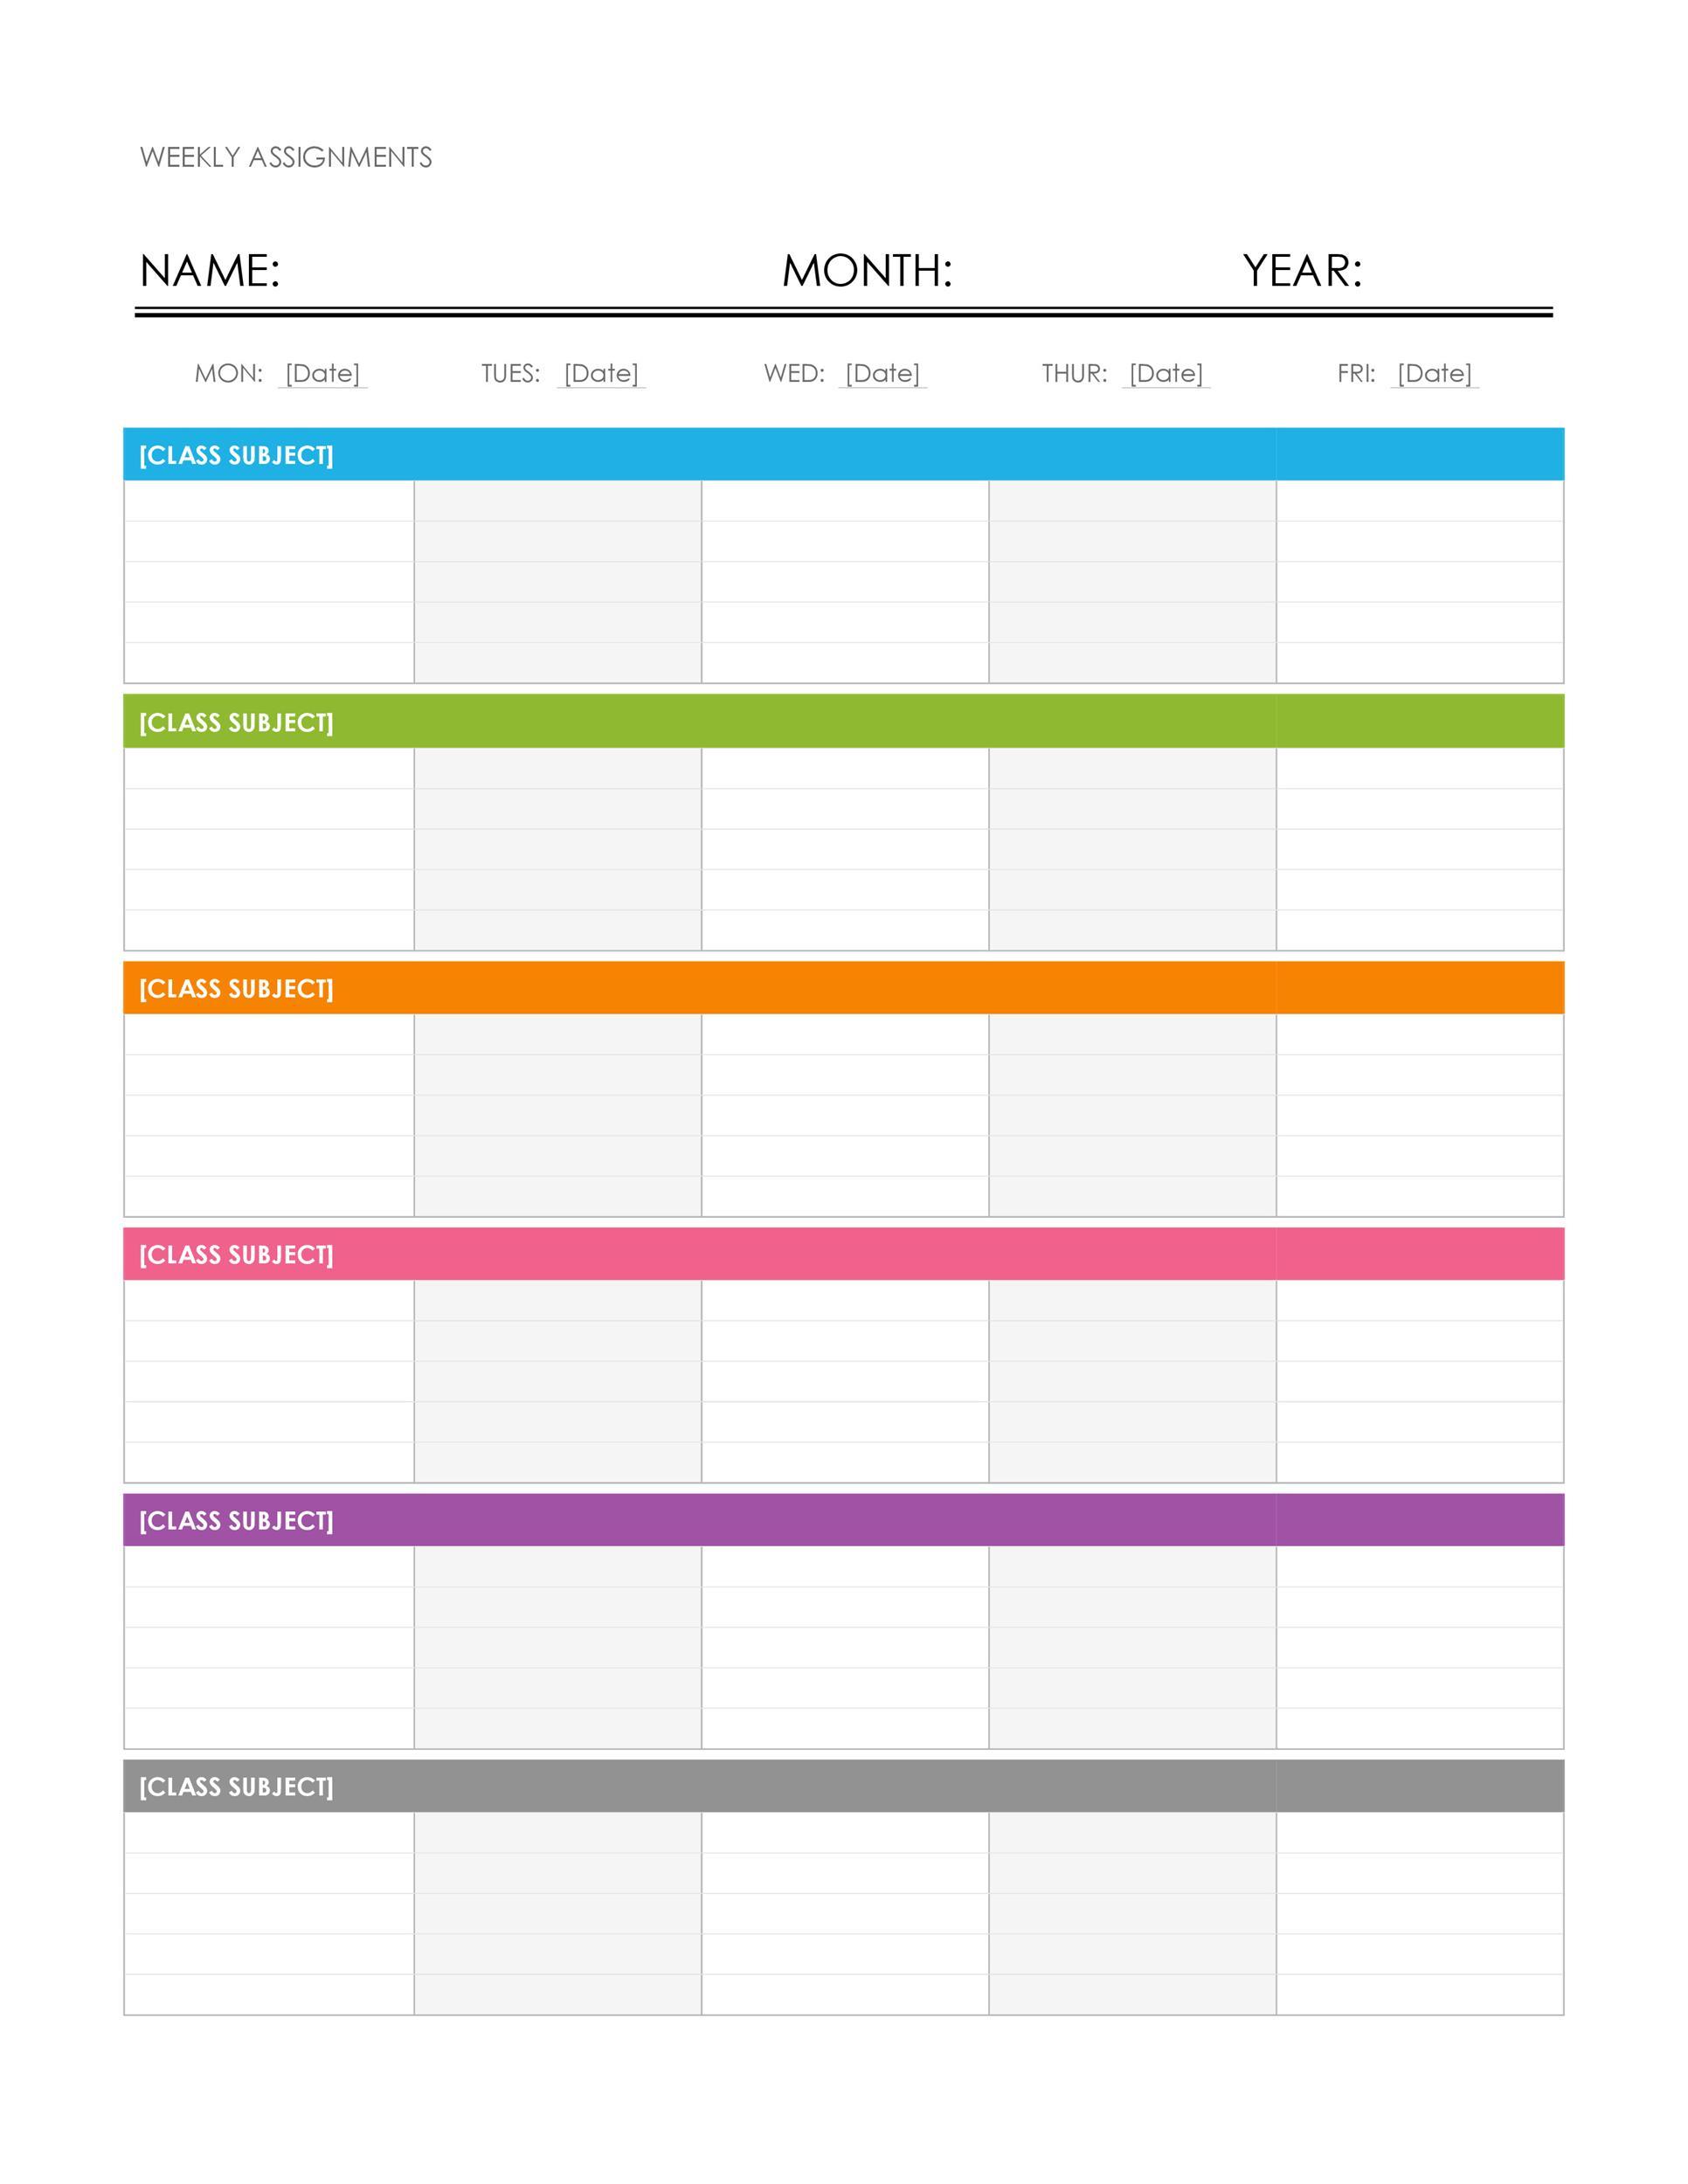 26 Blank Weekly Calendar Templates [Pdf, Excel, Word] ᐅ for 2 Week Blank Calendar